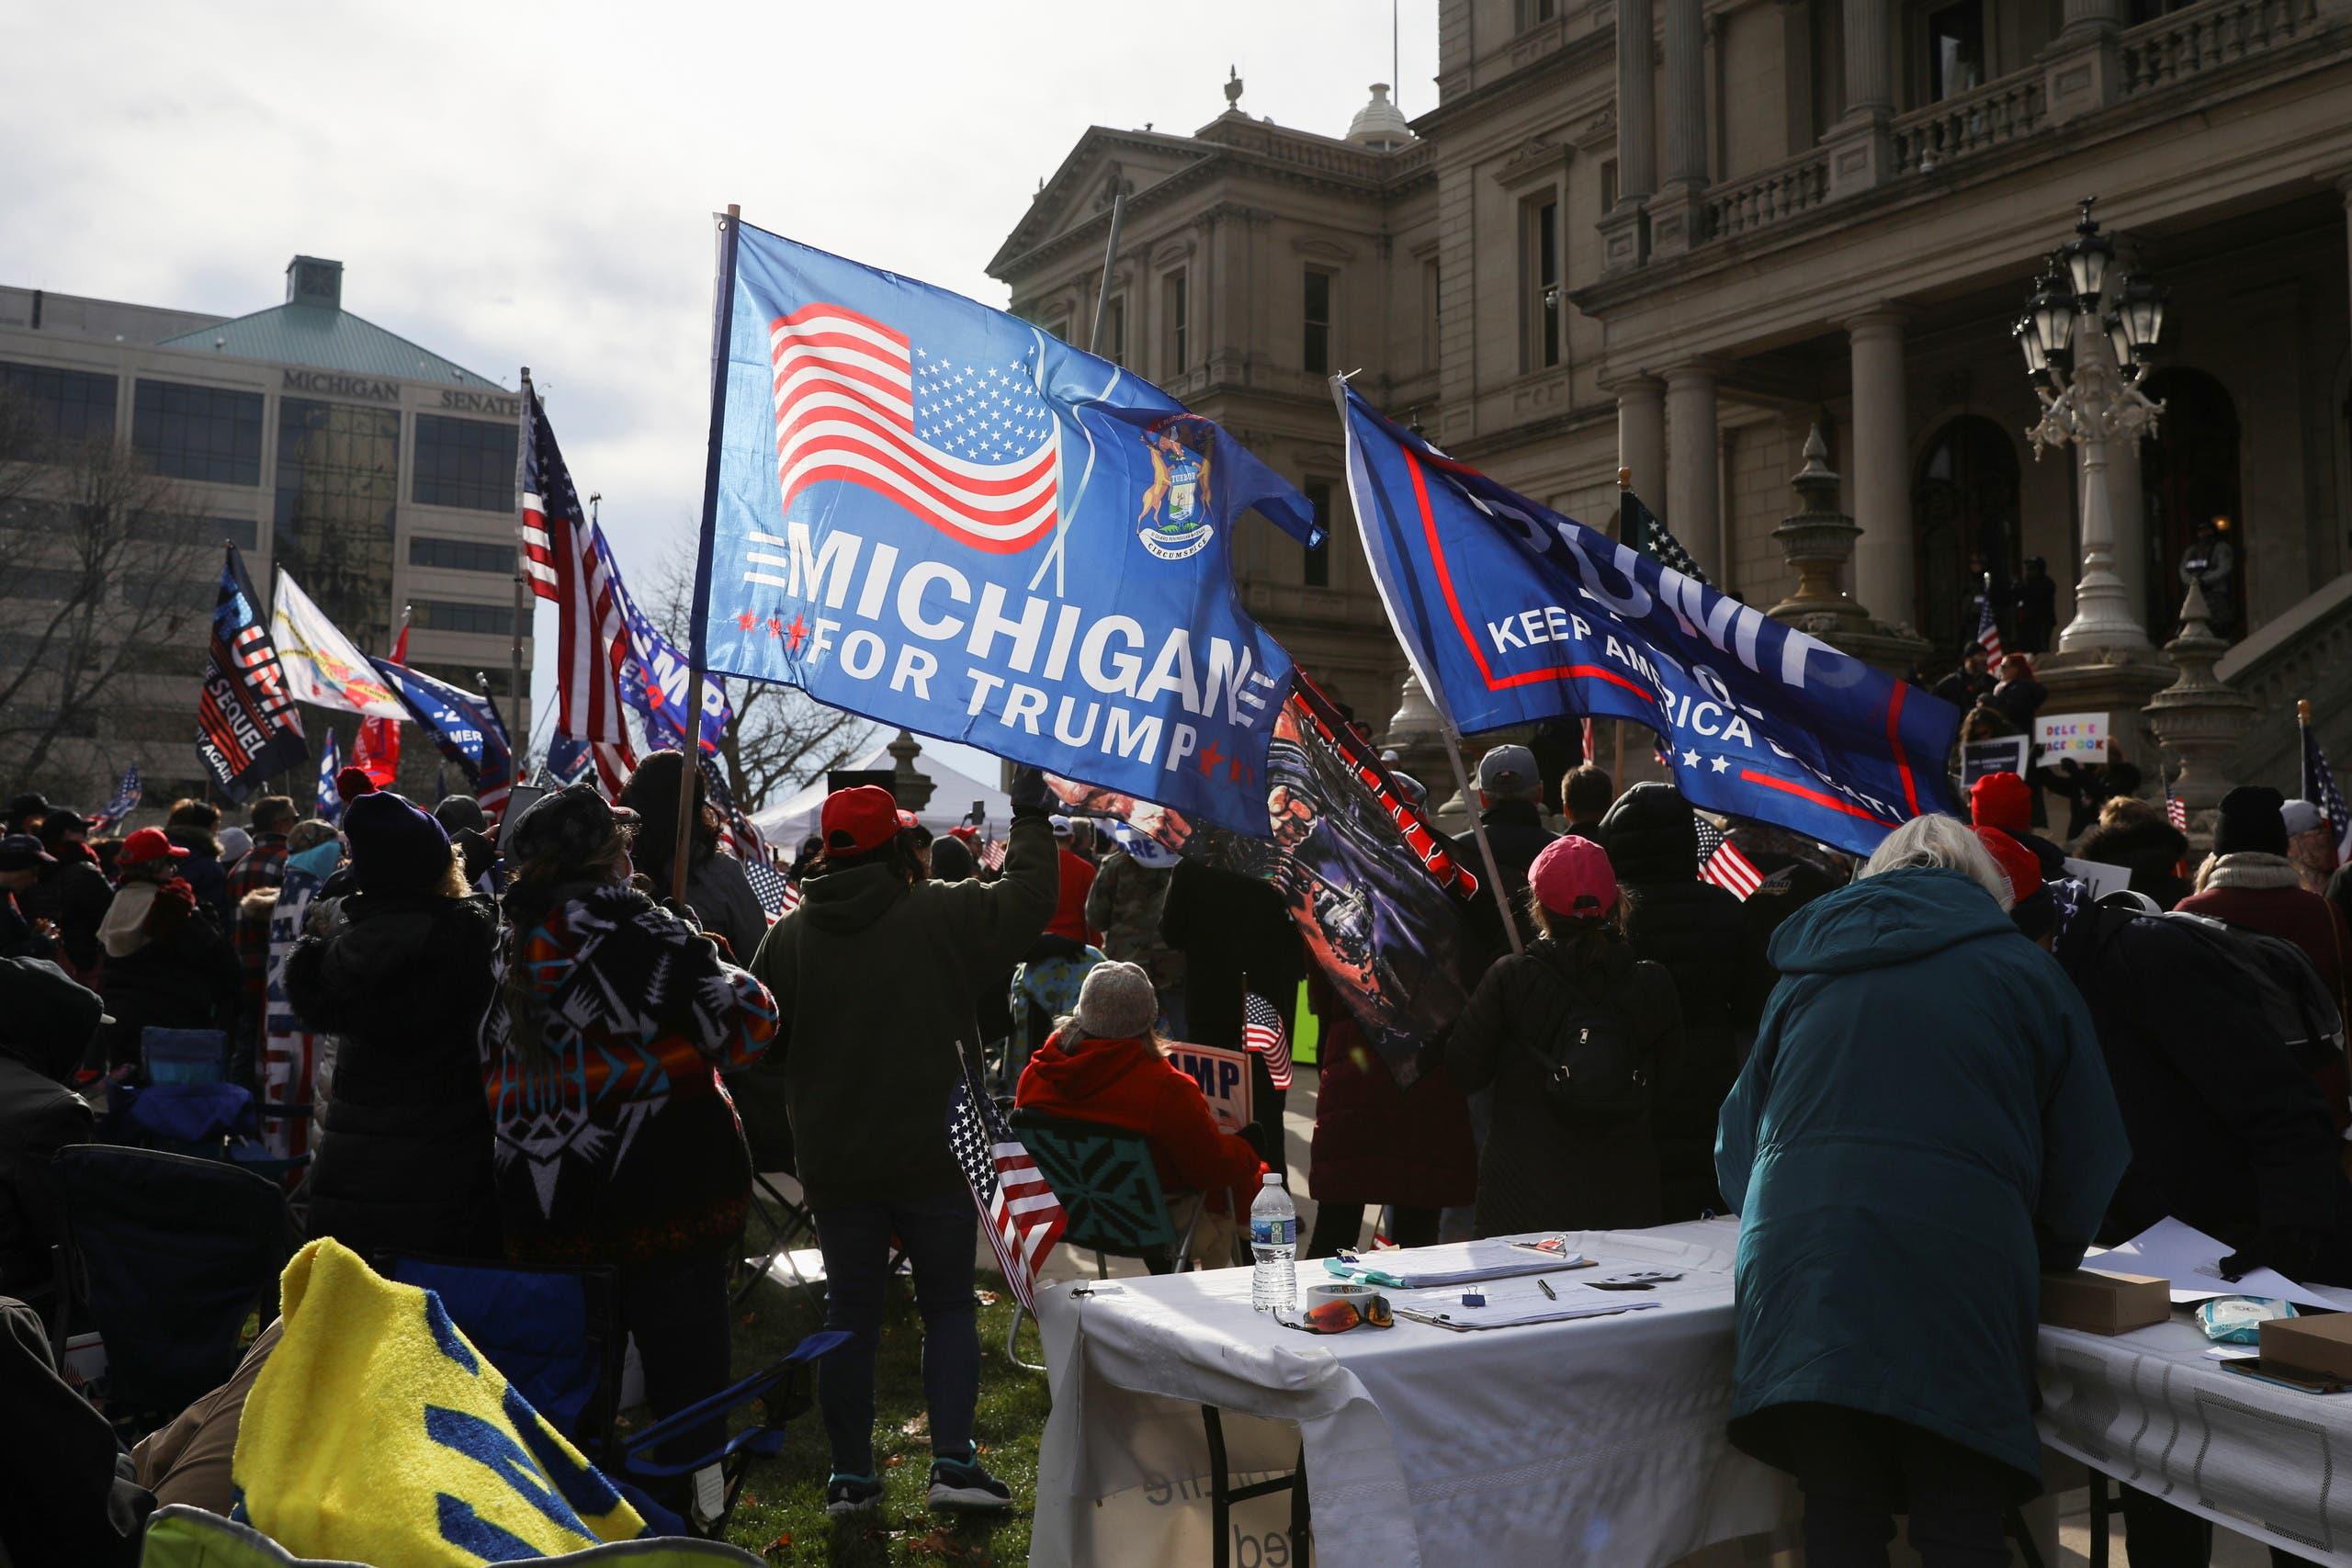 مناصرون لترمب في ميشيغان يتظاهرون ضد نتائج الانتخابات